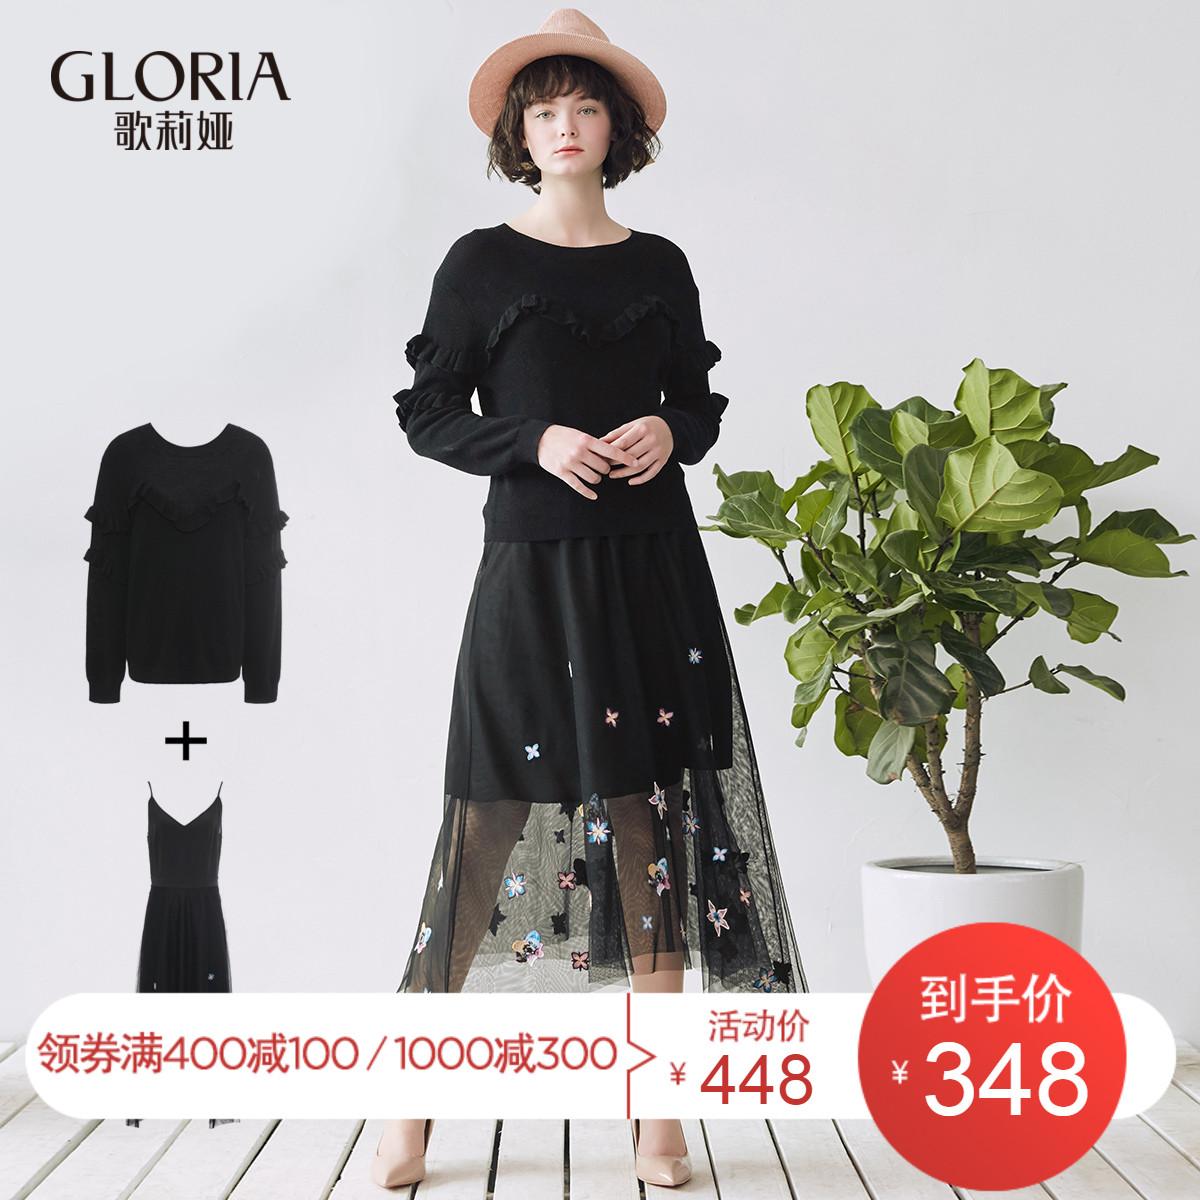 GLORIA-歌莉娅羊毛针织衫绣花网纱吊带裙两件套17SK4E460